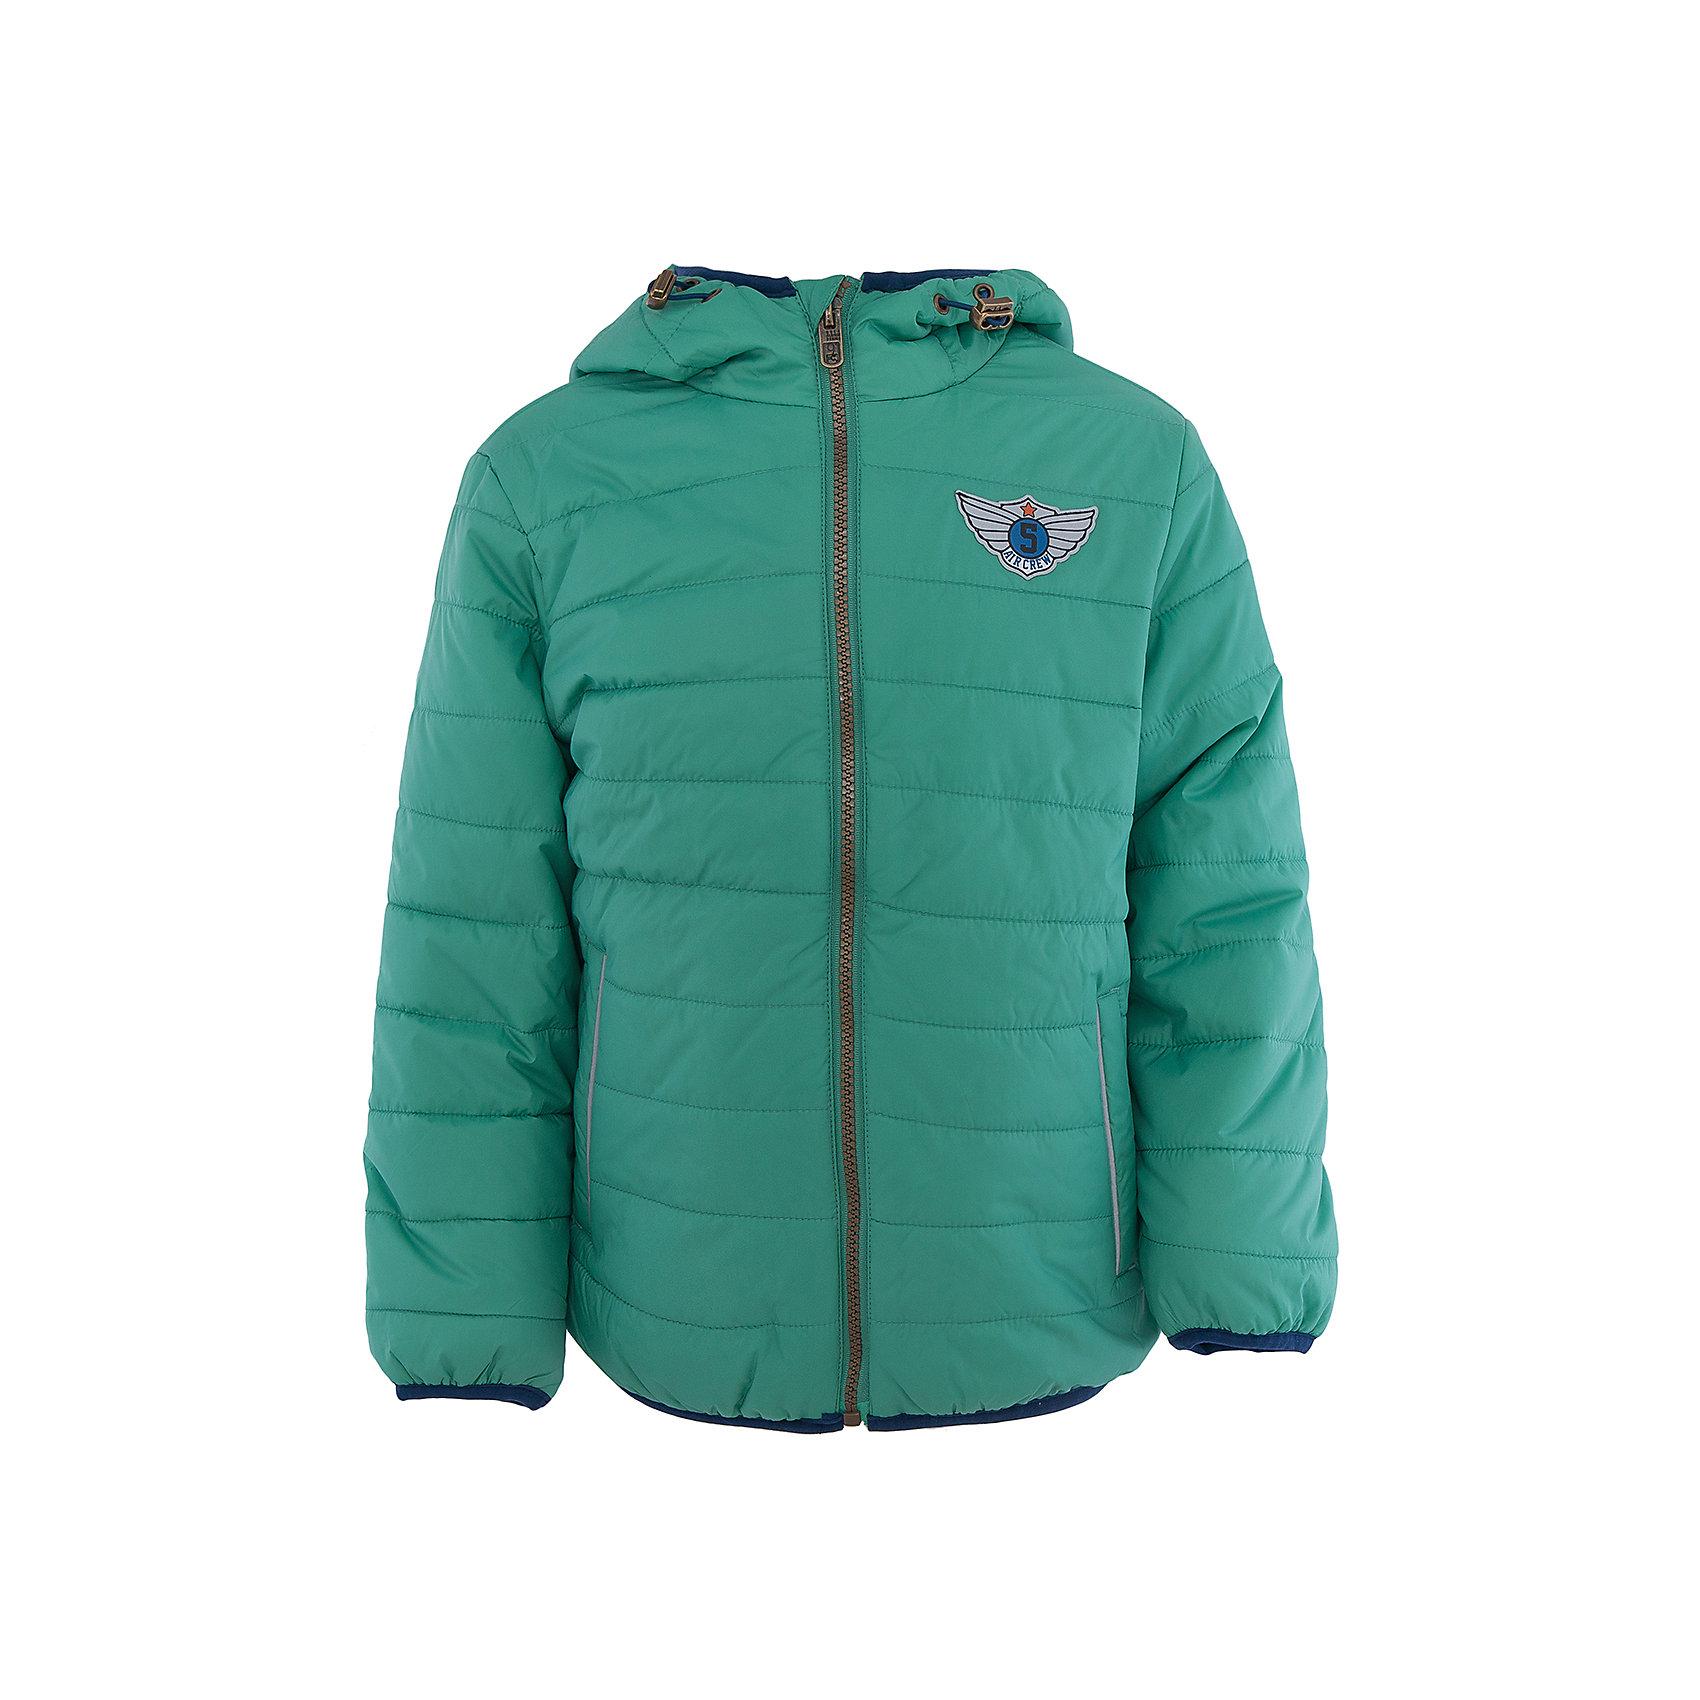 Куртка для мальчика SELAХарактеристики:<br><br>• Вид детской и подростковой одежды: куртка<br>• Пол: для мальчика<br>• Предназначение: повседневная<br>• Сезон: демисезон<br>• Температурный режим: до -5? С<br>• Тематика рисунка: без рисунка<br>• Цвет: зеленый<br>• Материал: нейлон 100%, подклад – хлопок, 50%, утеплитель – полиэстер, 100%<br>• Силуэт: прямой<br>• Длина куртки: до середины бедра<br>• Капюшон: притачной, с карабинами<br>• Застежка: молния, спереди<br>• Спереди имеются карманы на молнии<br>• Особенности ухода: допускается щадящая стирка и химчистка<br><br>Куртка для мальчика SELA из коллекции детской и подростковой одежды от знаменитого торгового бренда, который производит удобную, комфортную и стильную одежду, предназначенную как для будней, так и для праздников. Куртка выполнена из нейлона, который обладает влагонепроницаемыми и ветрозащитными свойствами. Трикотажный подклад обеспечивает поддержание комфортной температуры. Длина куртки – средняя, что защищает спину от продувания. Спереди имеется застежка на молнии и два кармана. Притачной капюшон с регулируемой шириной и трикотажная окантовка изделия создают стильный дизайн. Стеганая курточка выполнена в холодном зеленом цвете. <br><br>Куртку для мальчика SELA можно купить в нашем интернет-магазине.<br><br>Ширина мм: 356<br>Глубина мм: 10<br>Высота мм: 245<br>Вес г: 519<br>Цвет: зеленый<br>Возраст от месяцев: 60<br>Возраст до месяцев: 72<br>Пол: Мужской<br>Возраст: Детский<br>Размер: 116,98,104,110<br>SKU: 5305118